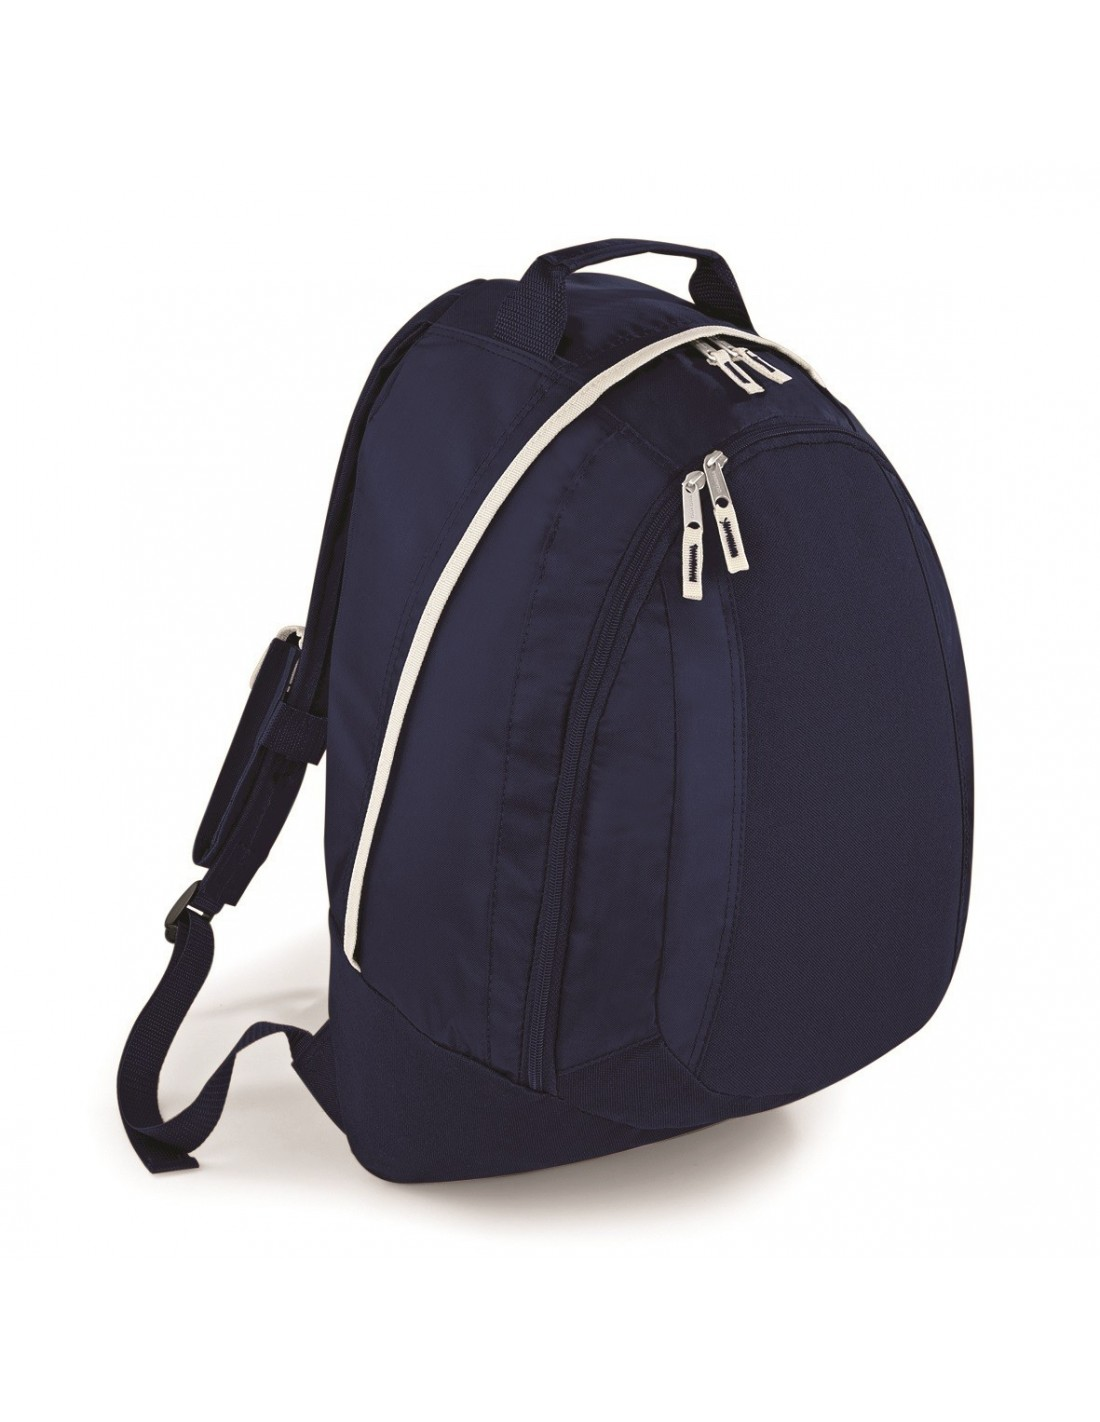 489b8ea7efe68 Plecak Qadra Teamwear z własnym nadrukiem